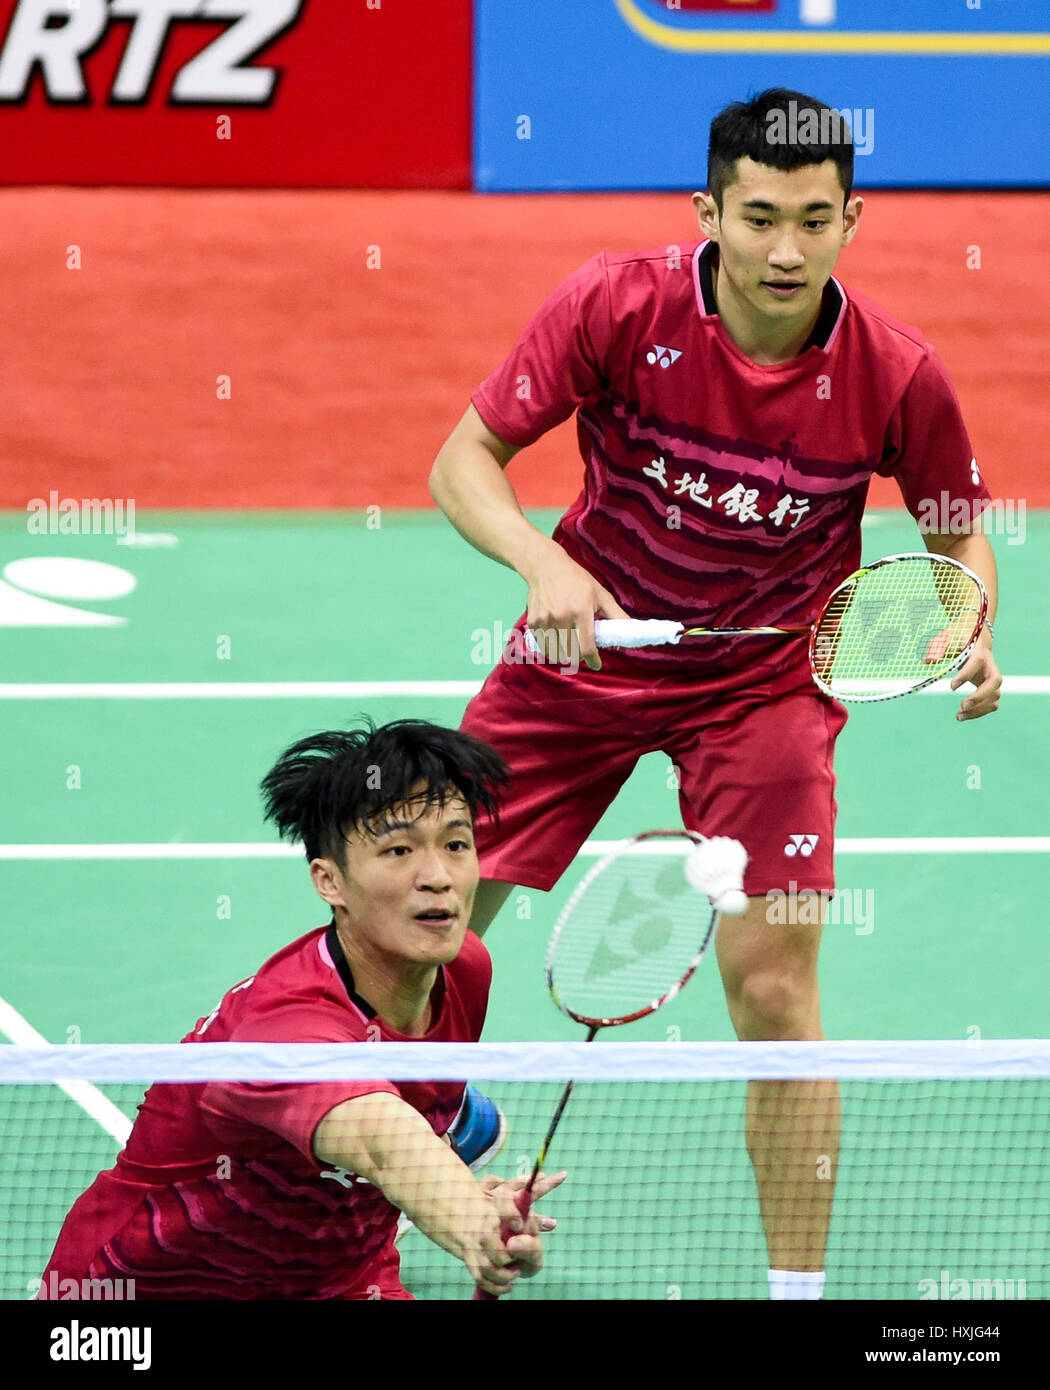 NEW DELHI March 29 2017 Xinhua Liao Kuan Hao